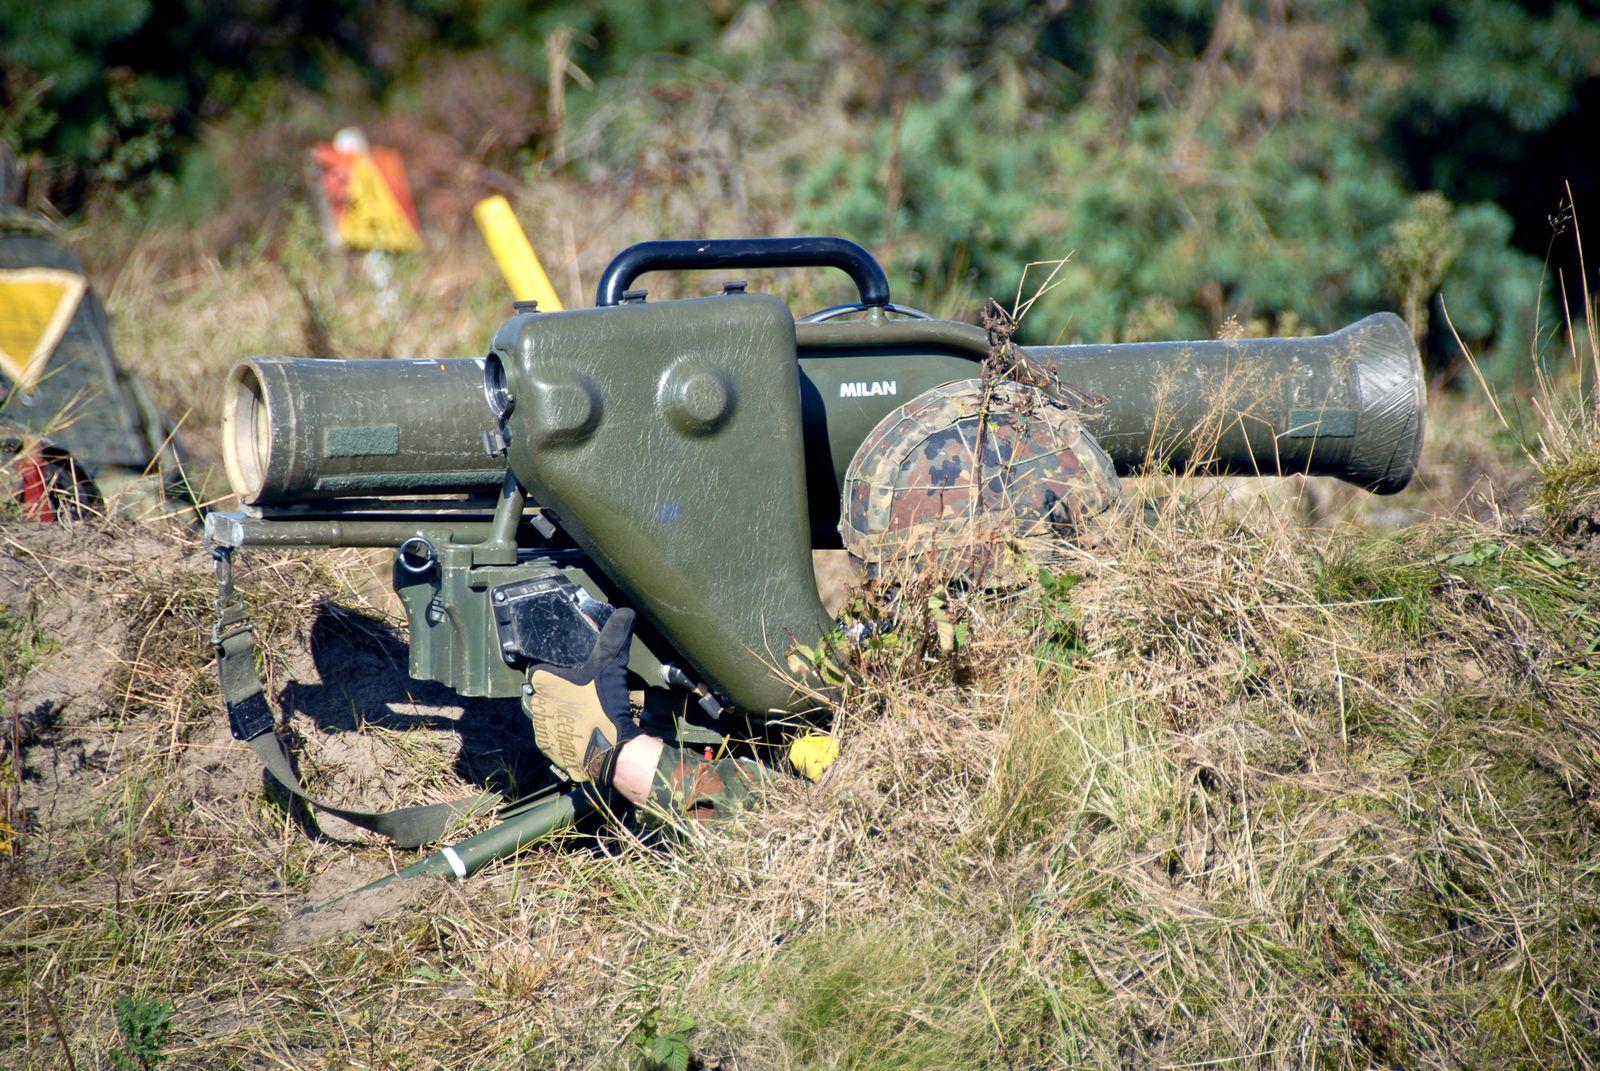 Panzerabwehrwaffe Milan